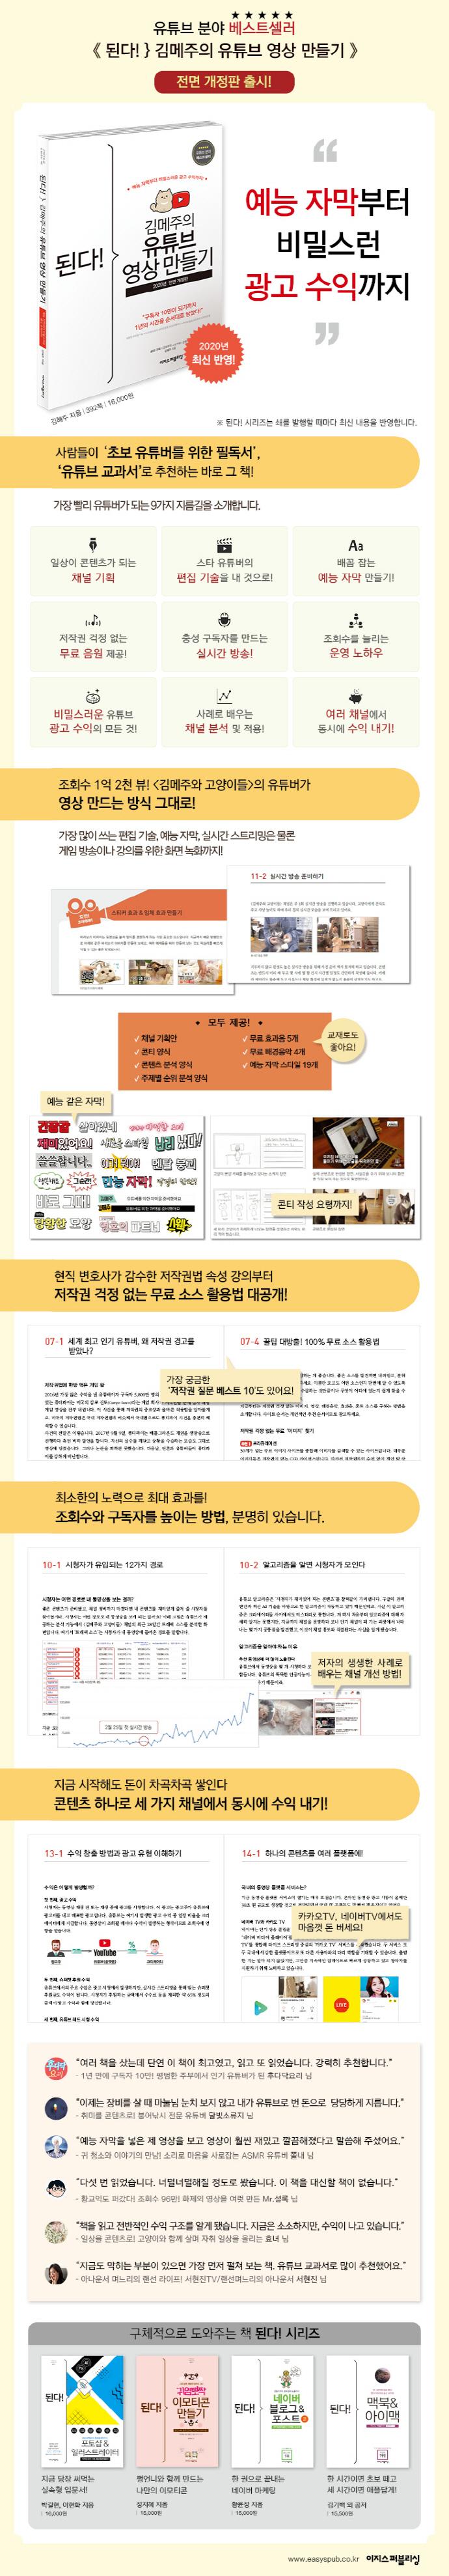 된다! 김메주의 유튜브 영상 만들기 : 예능 자막부터 비밀스러운 광고 수익까지! (전면 개정판) 도서 상세이미지